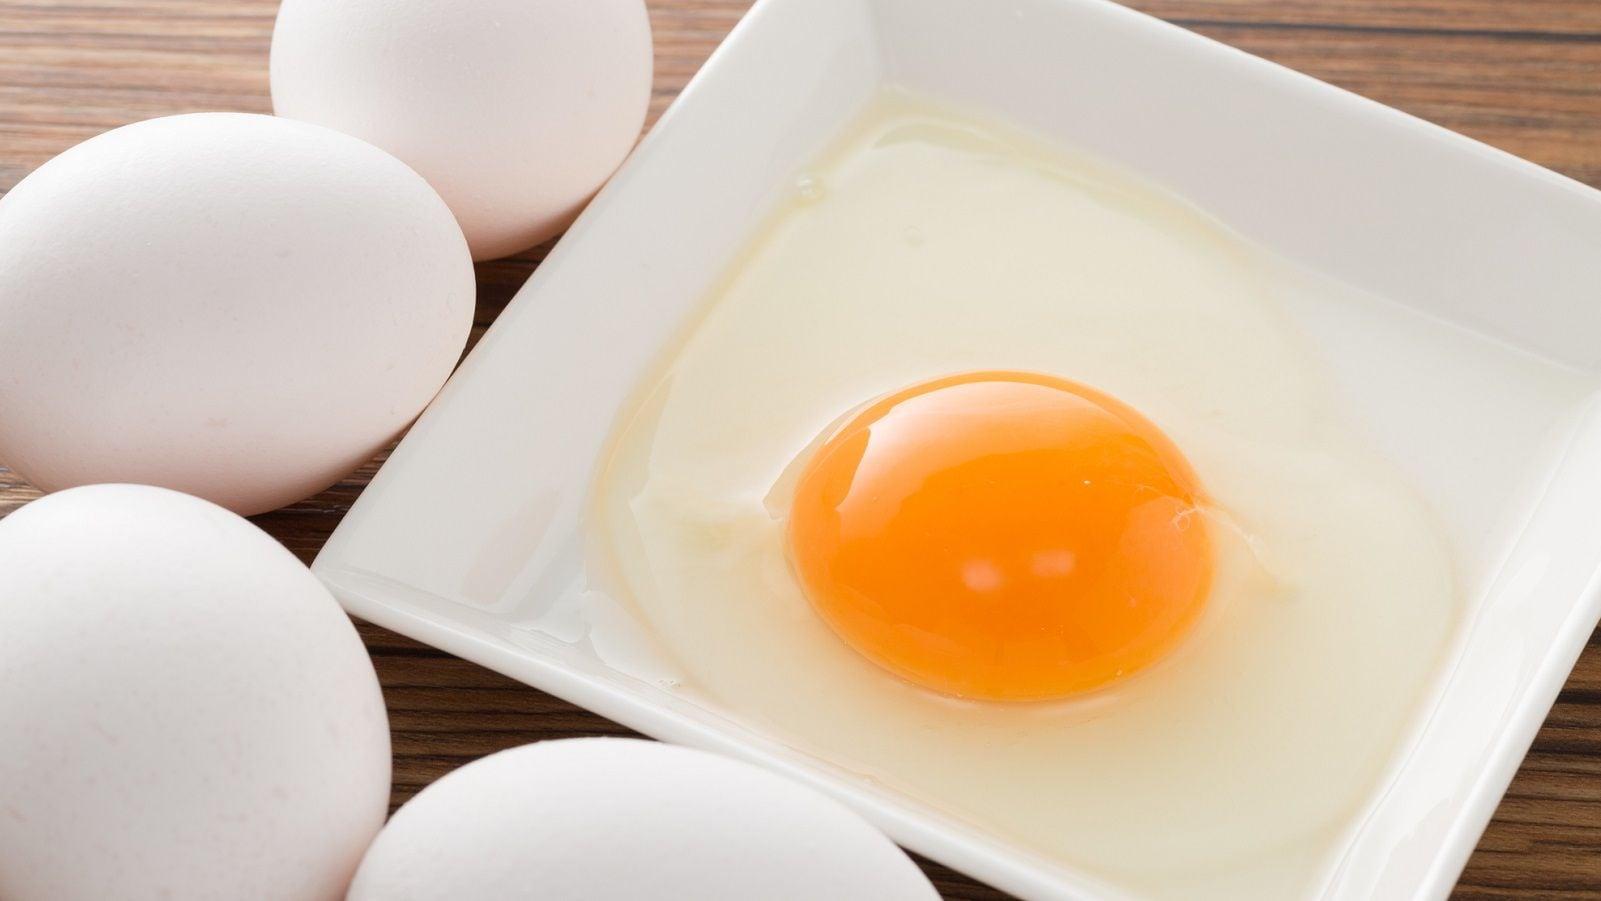 卵」がいつでもこんなに安く買えるという異常   国内経済   東洋経済 ...